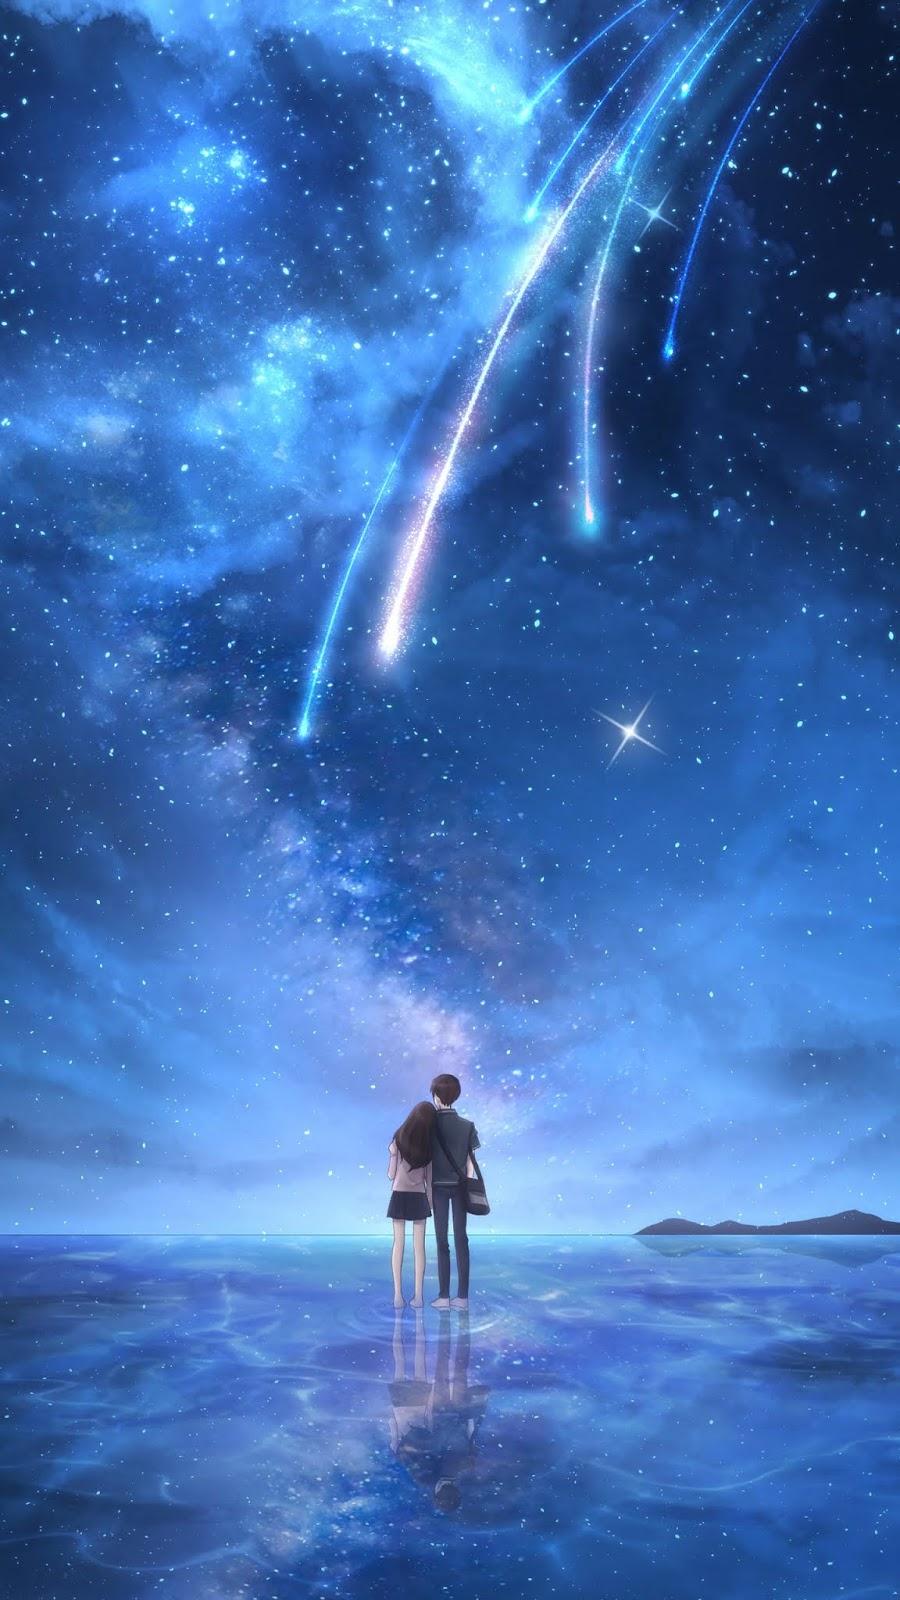 Starfall in the night sky